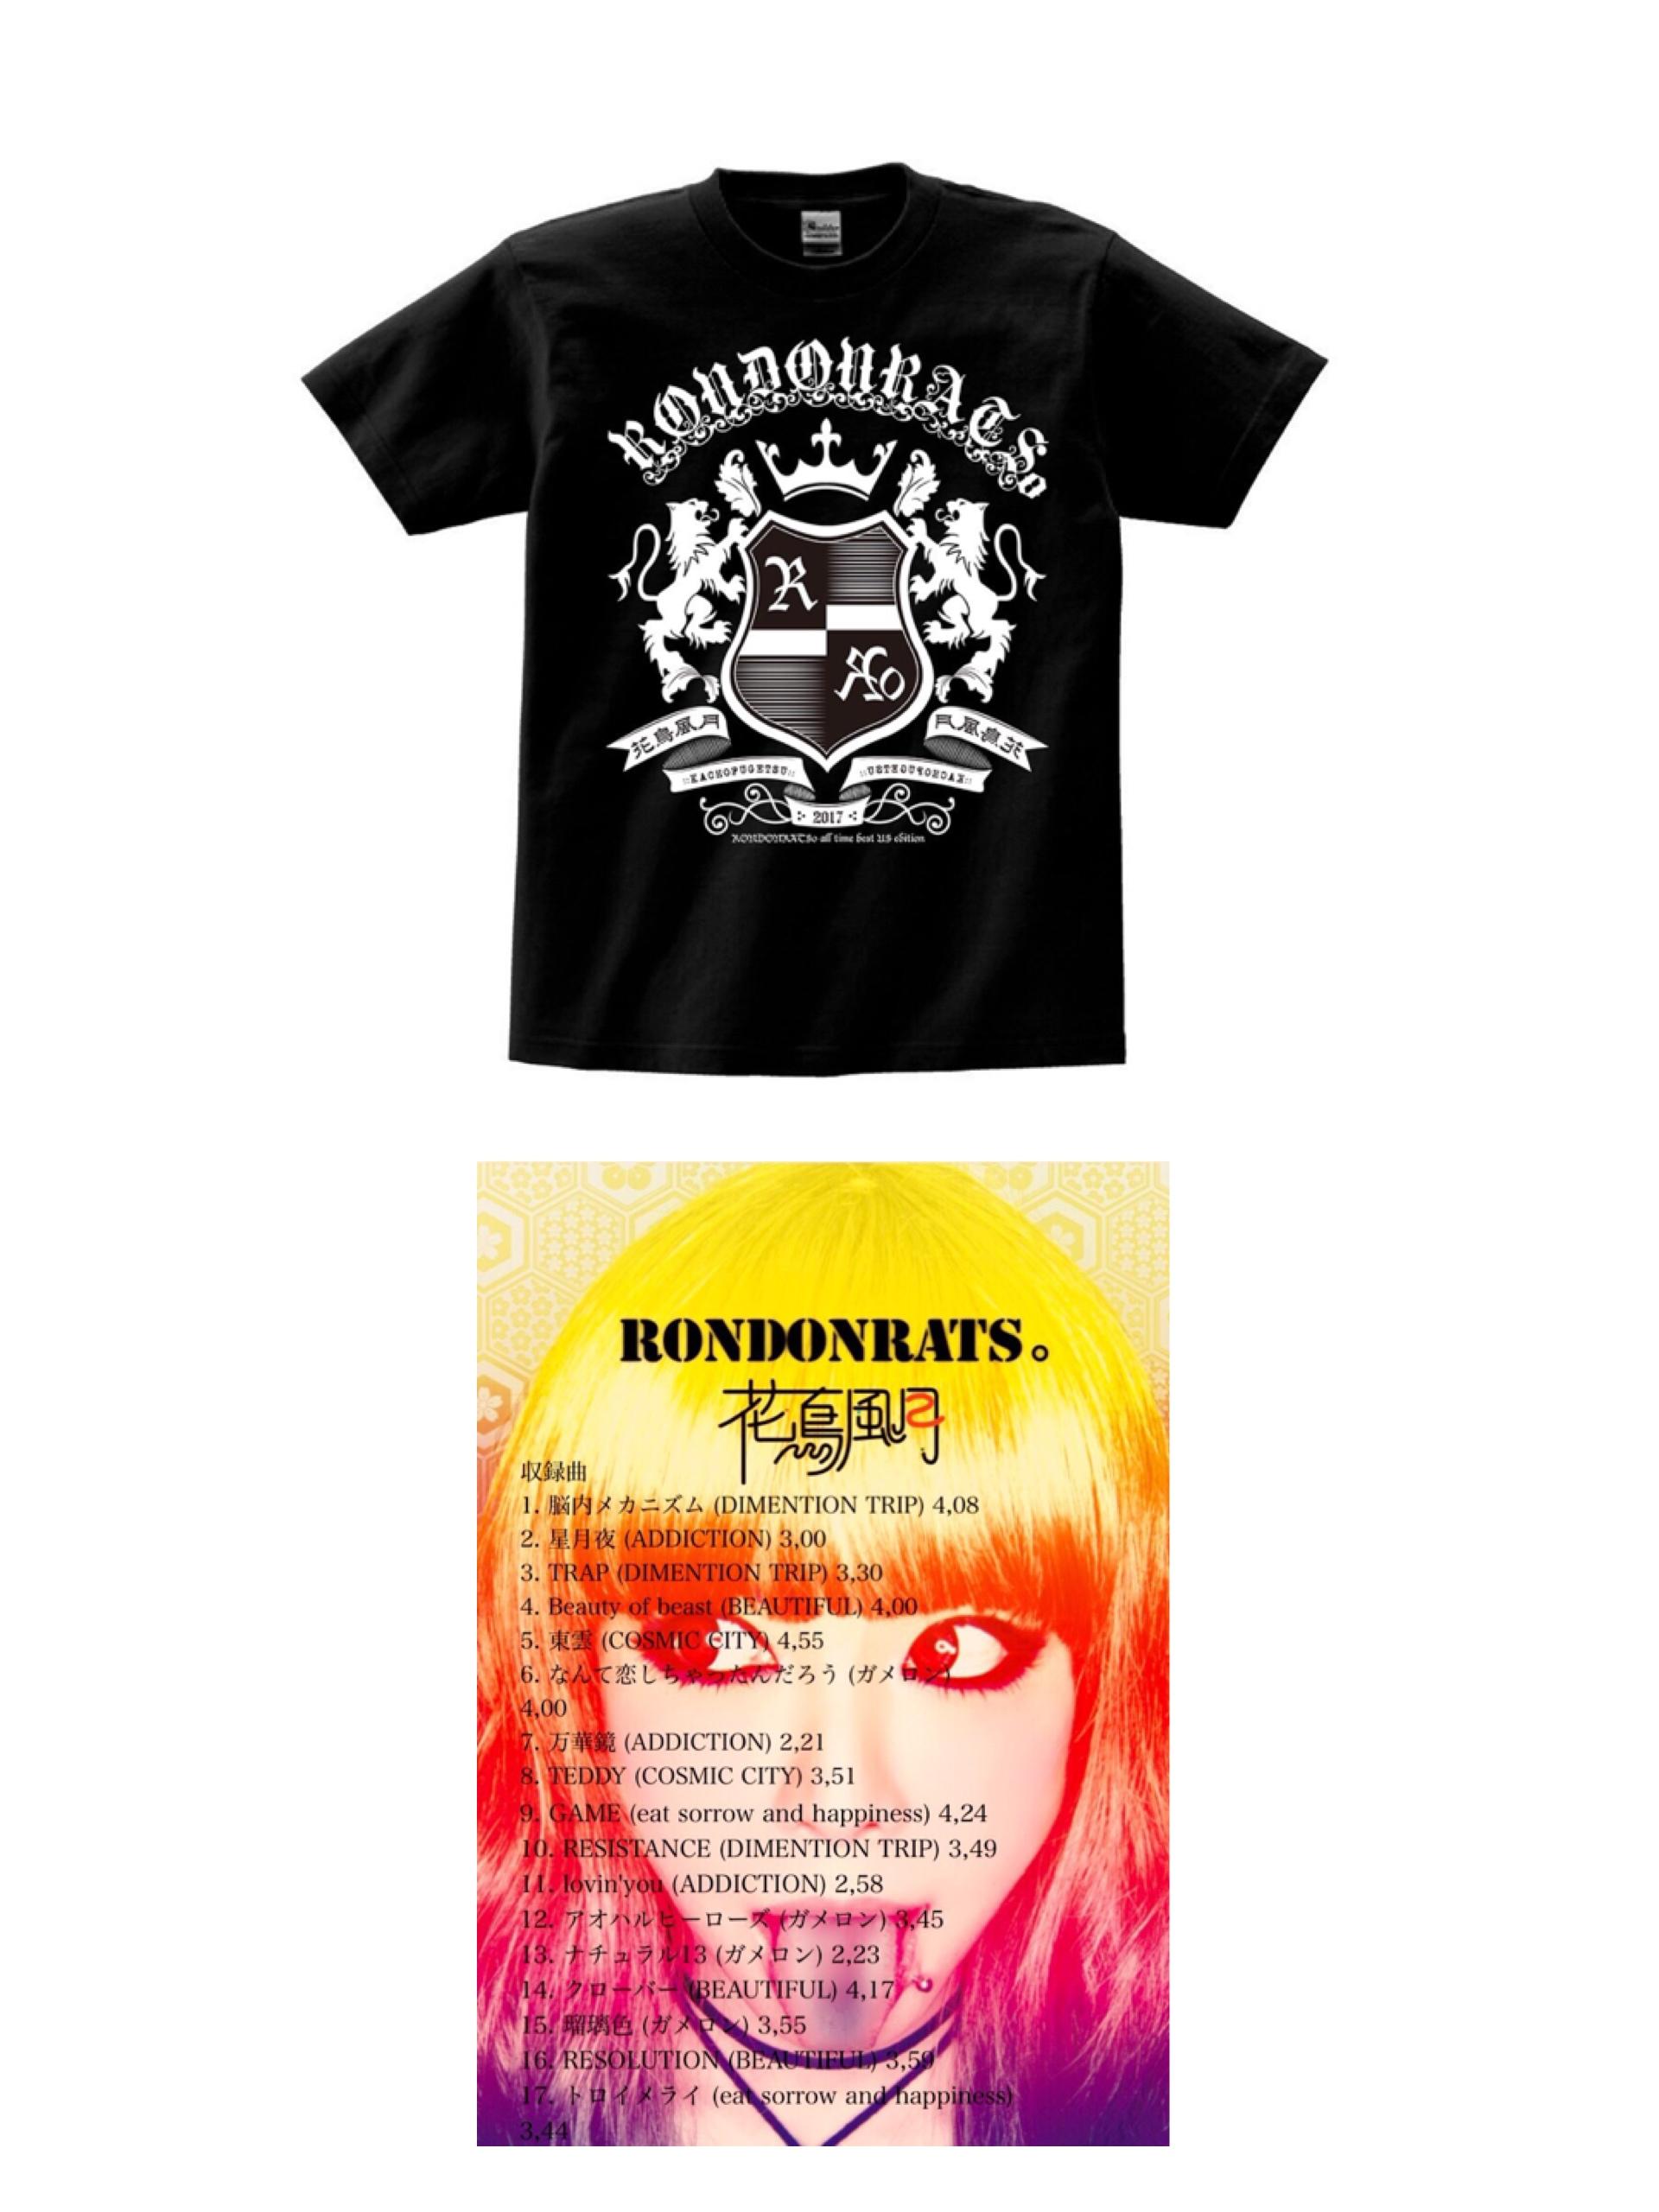 ベストアルバムとツアーTシャツのお得なセット!!※CD全18曲収録